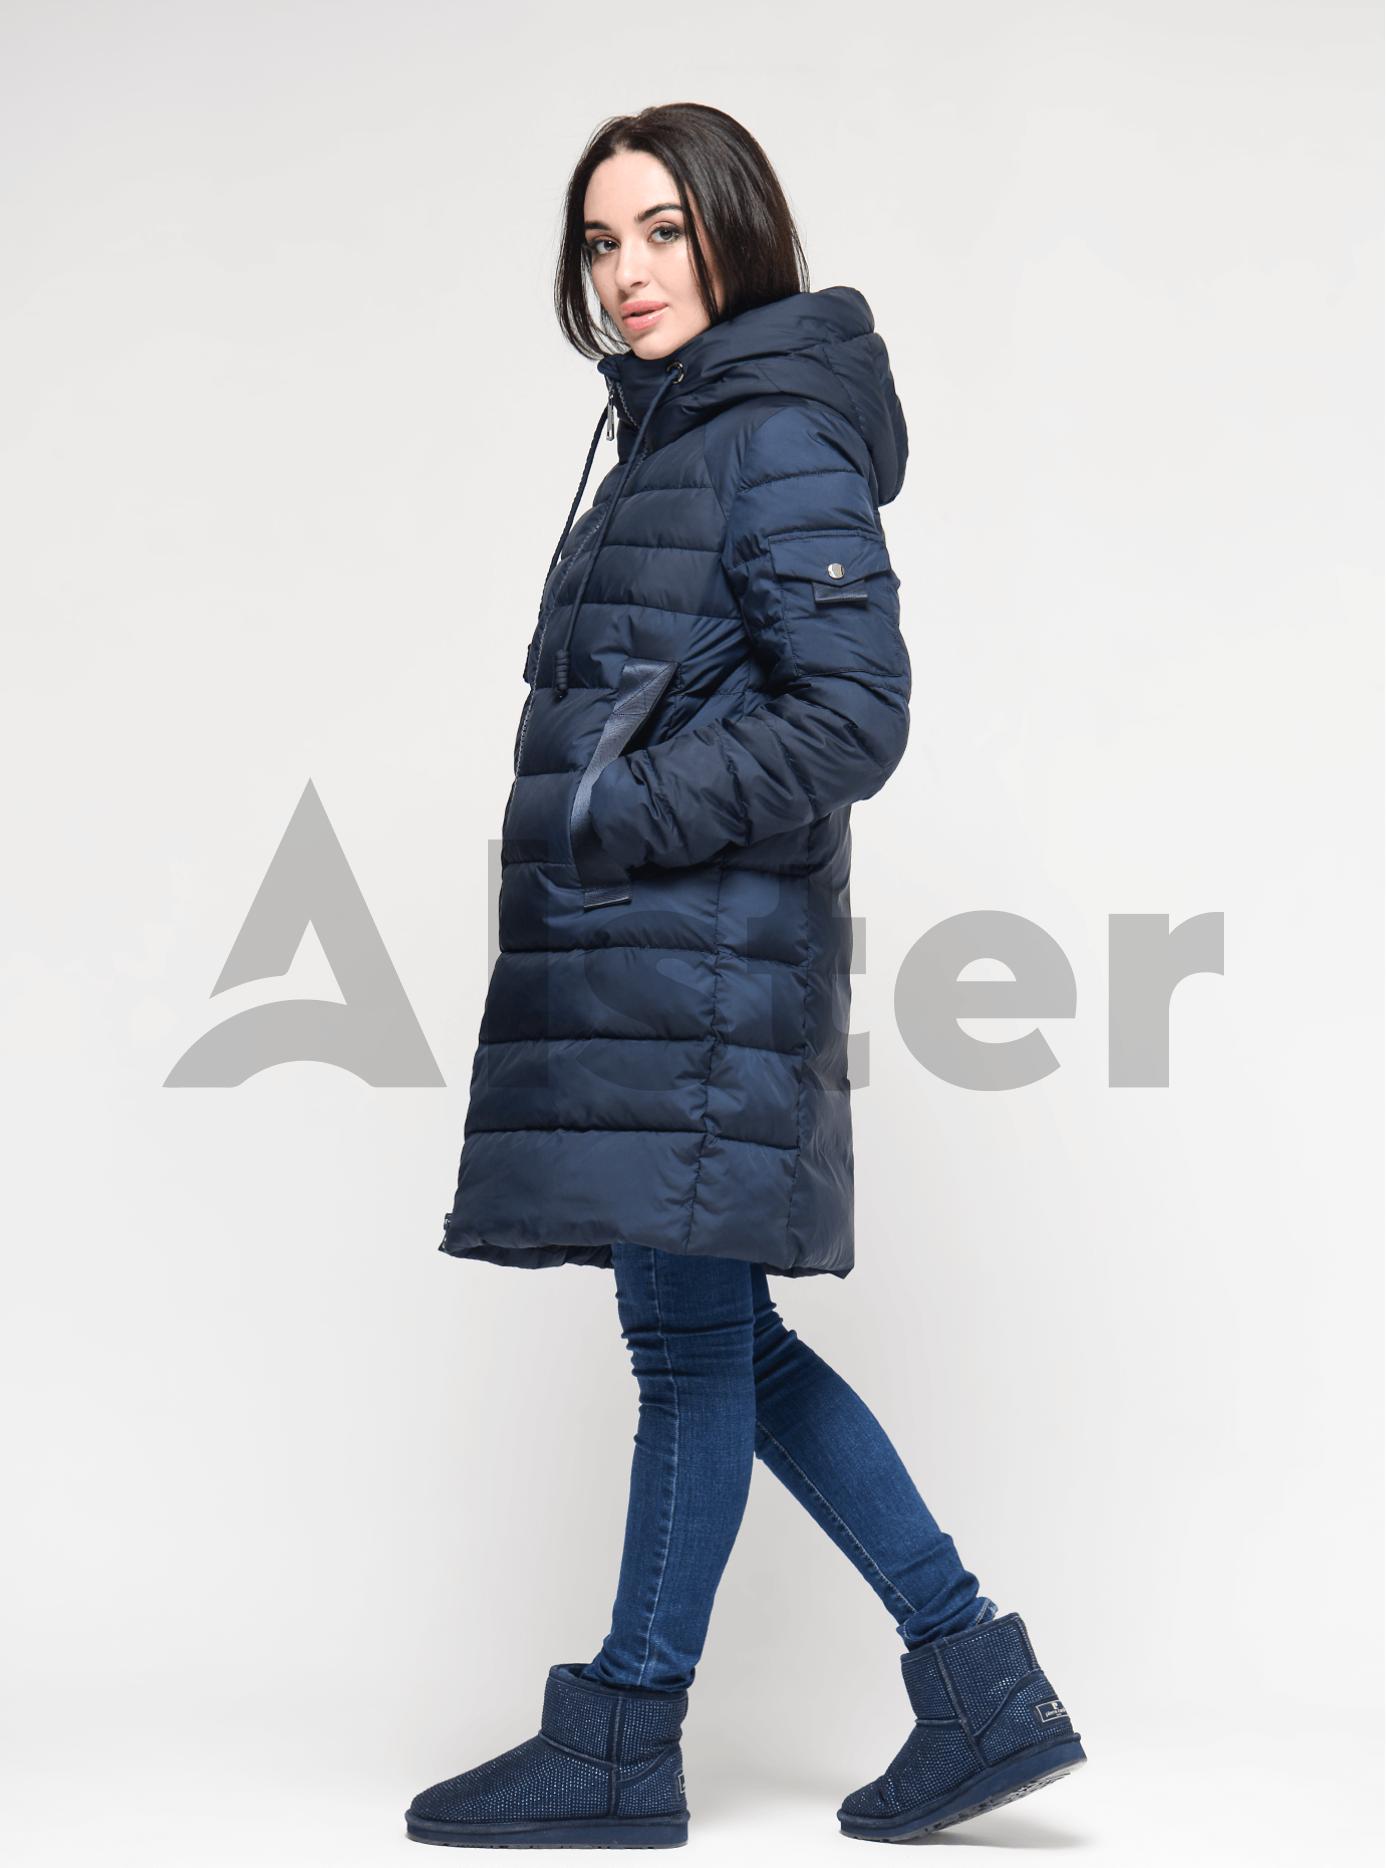 Пуховик женский (большие размеры) Синий 48 (02-4685): фото - Alster.ua